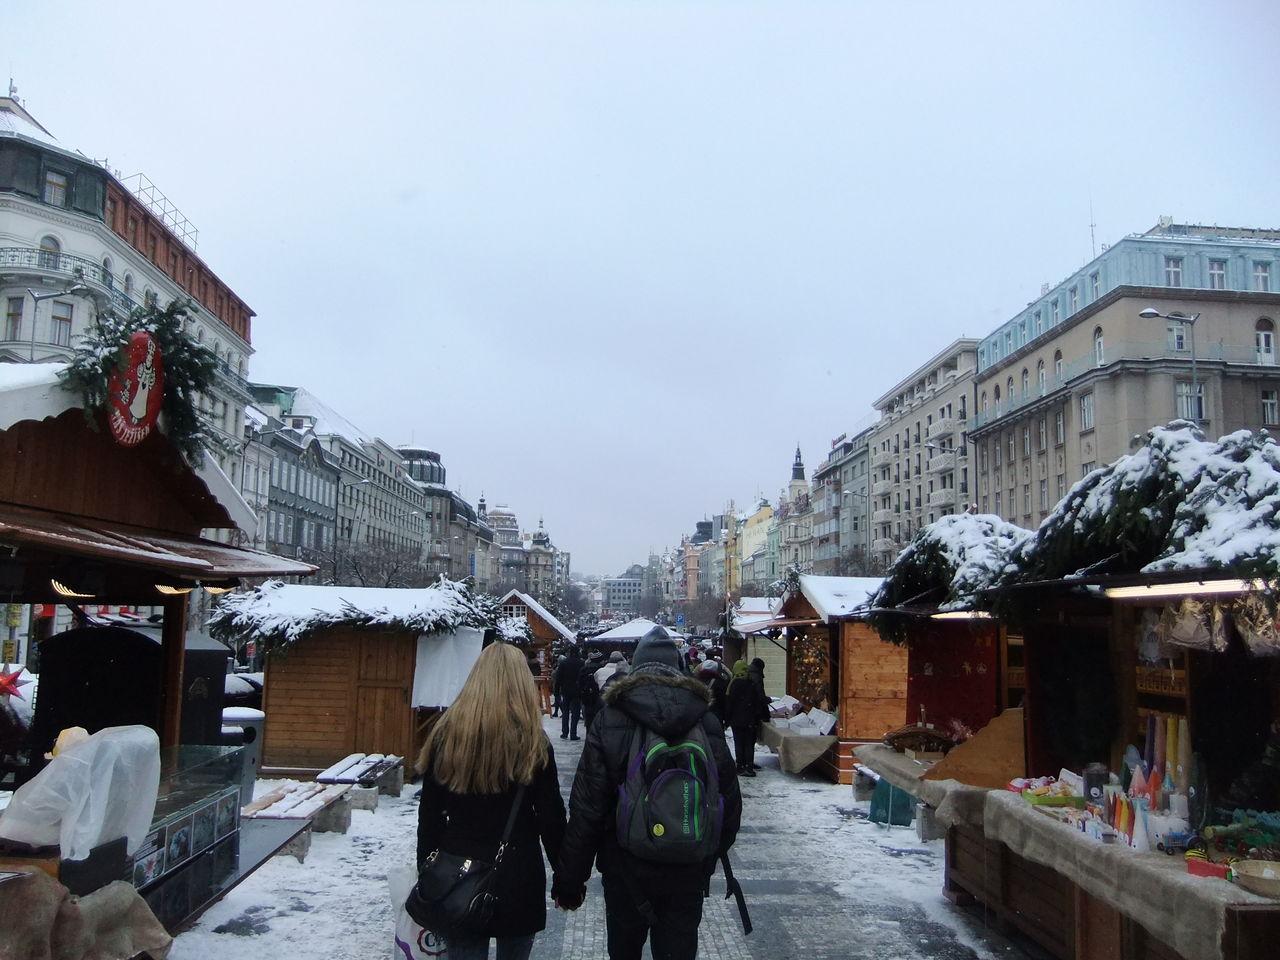 世界史の旅 -探訪記と歴史グッズ-ヴァーツラフ広場(プラハ)コメント